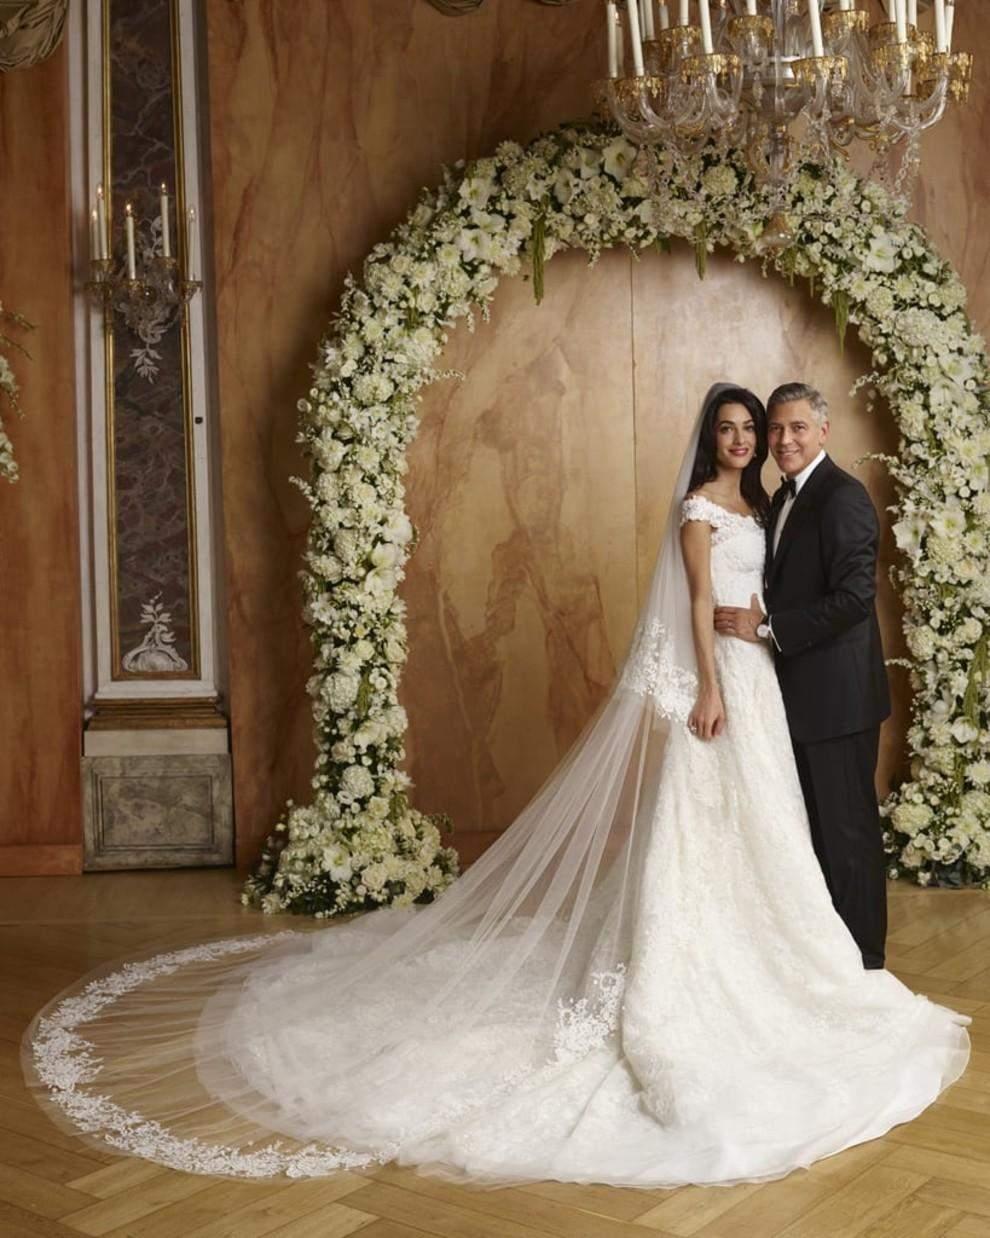 Весілля Амаль і Джорджа Клуні